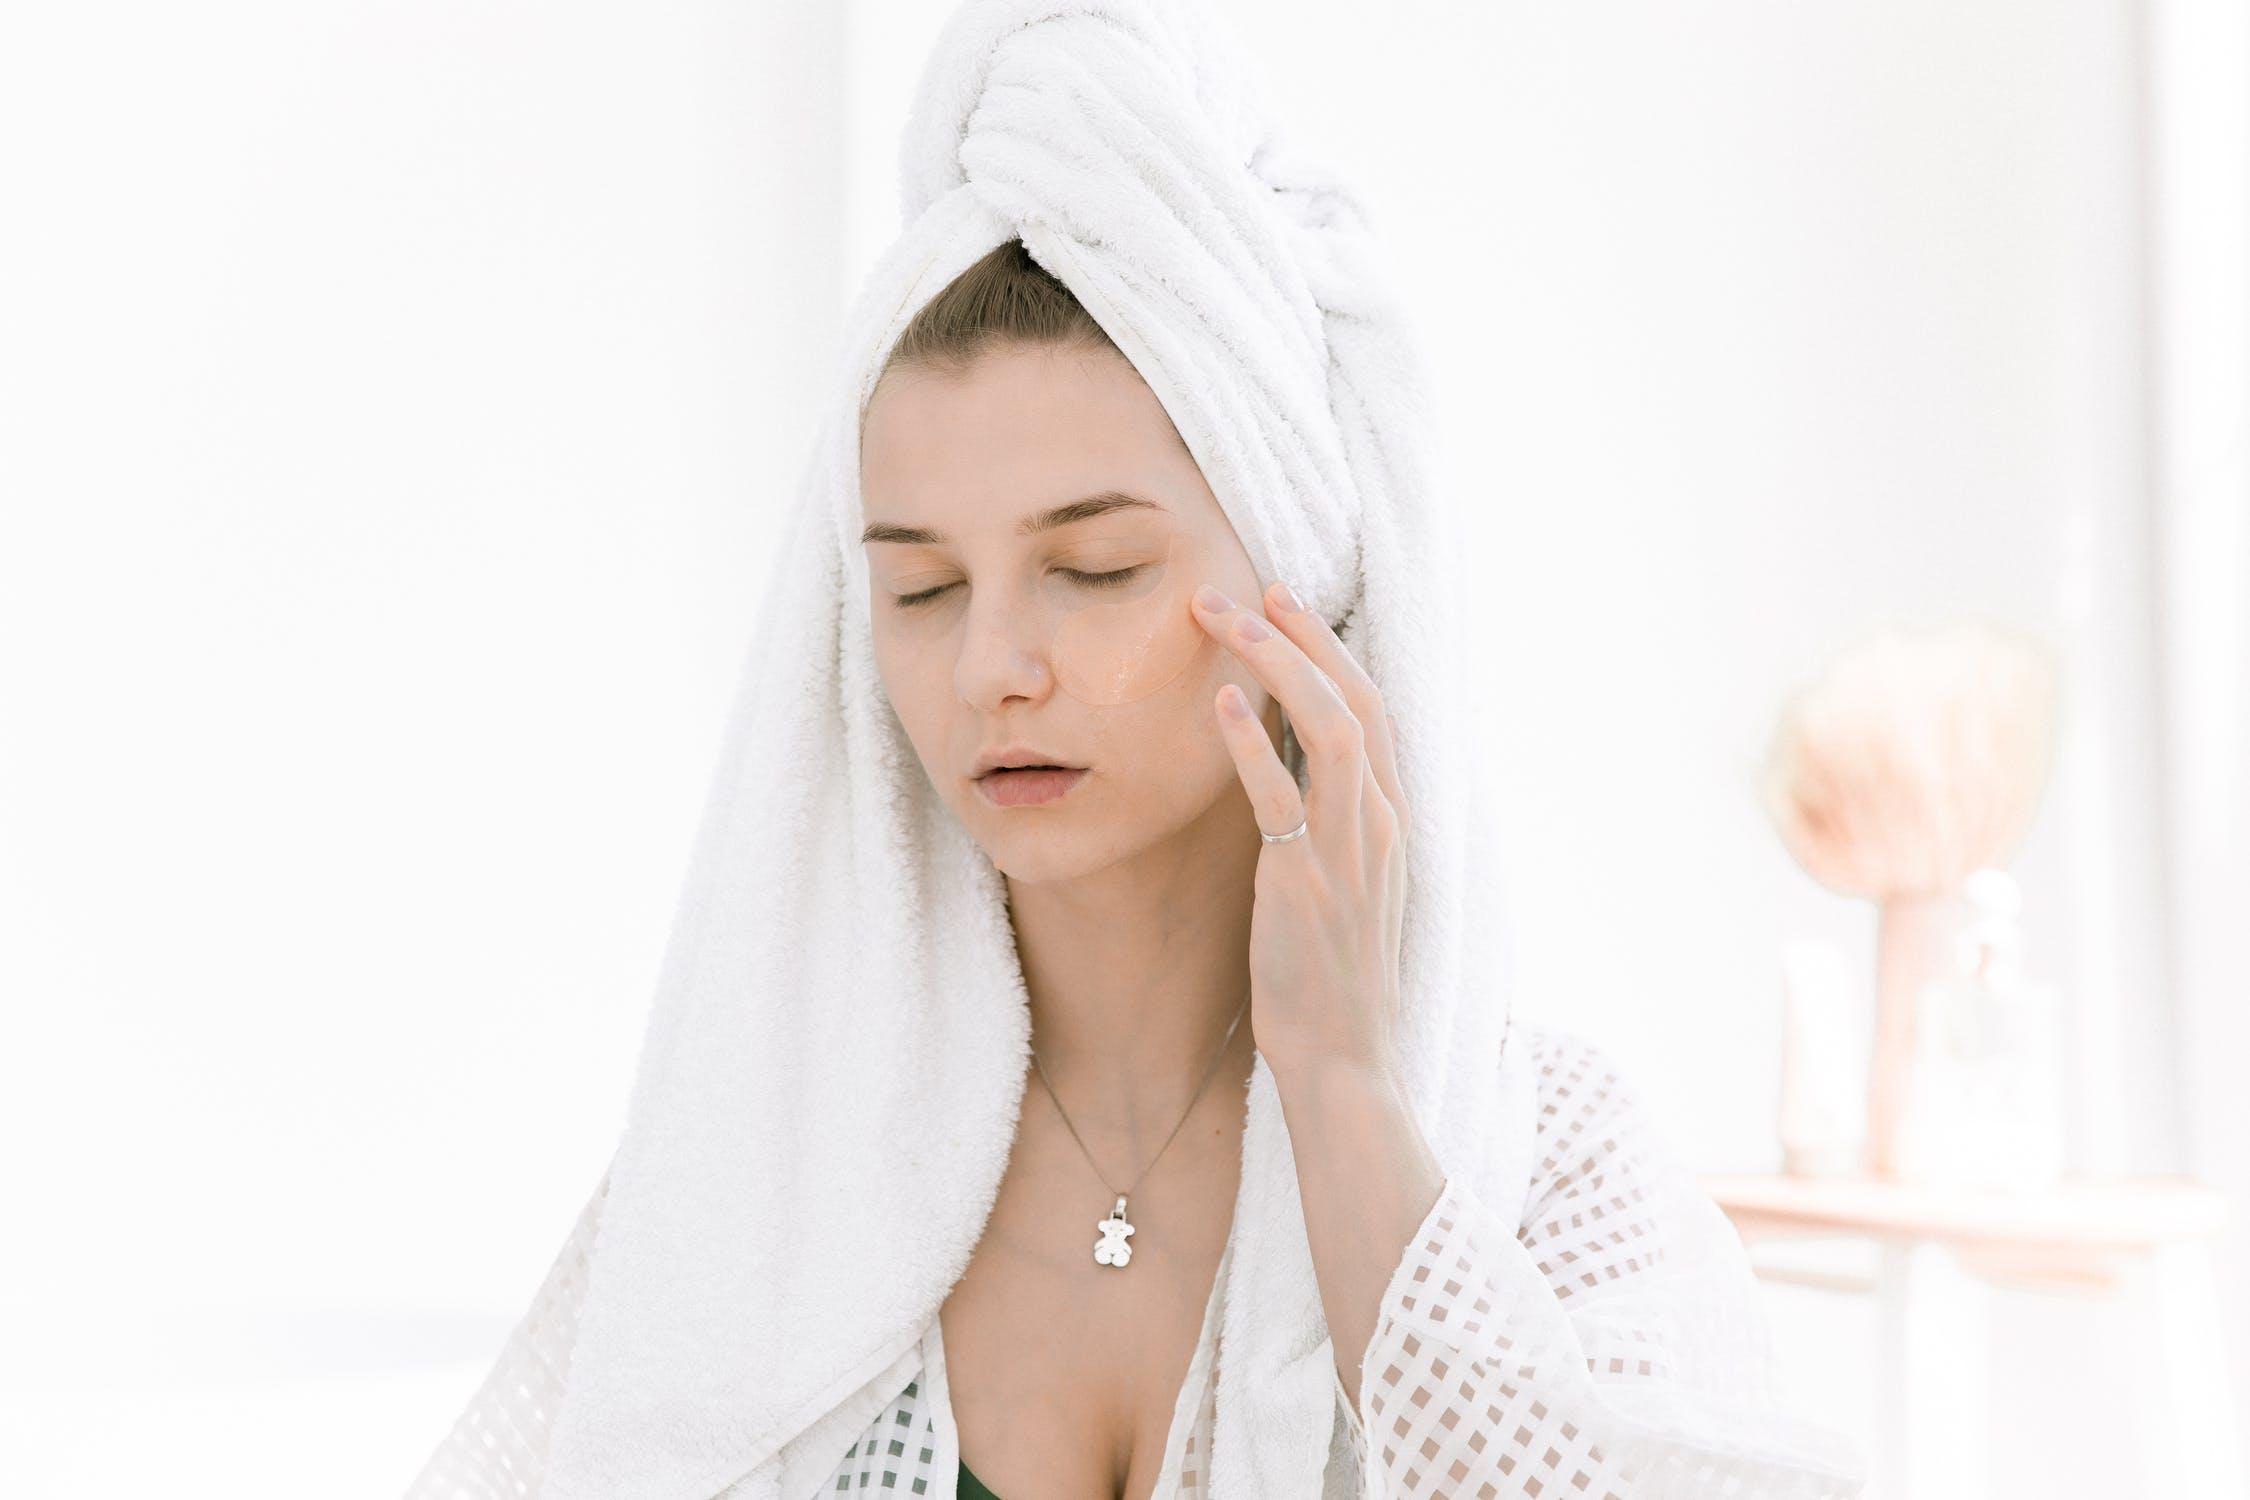 Nắm vững cẩm nang làm đẹp retinol giúp nàng chăm sóc da tốt hơn.